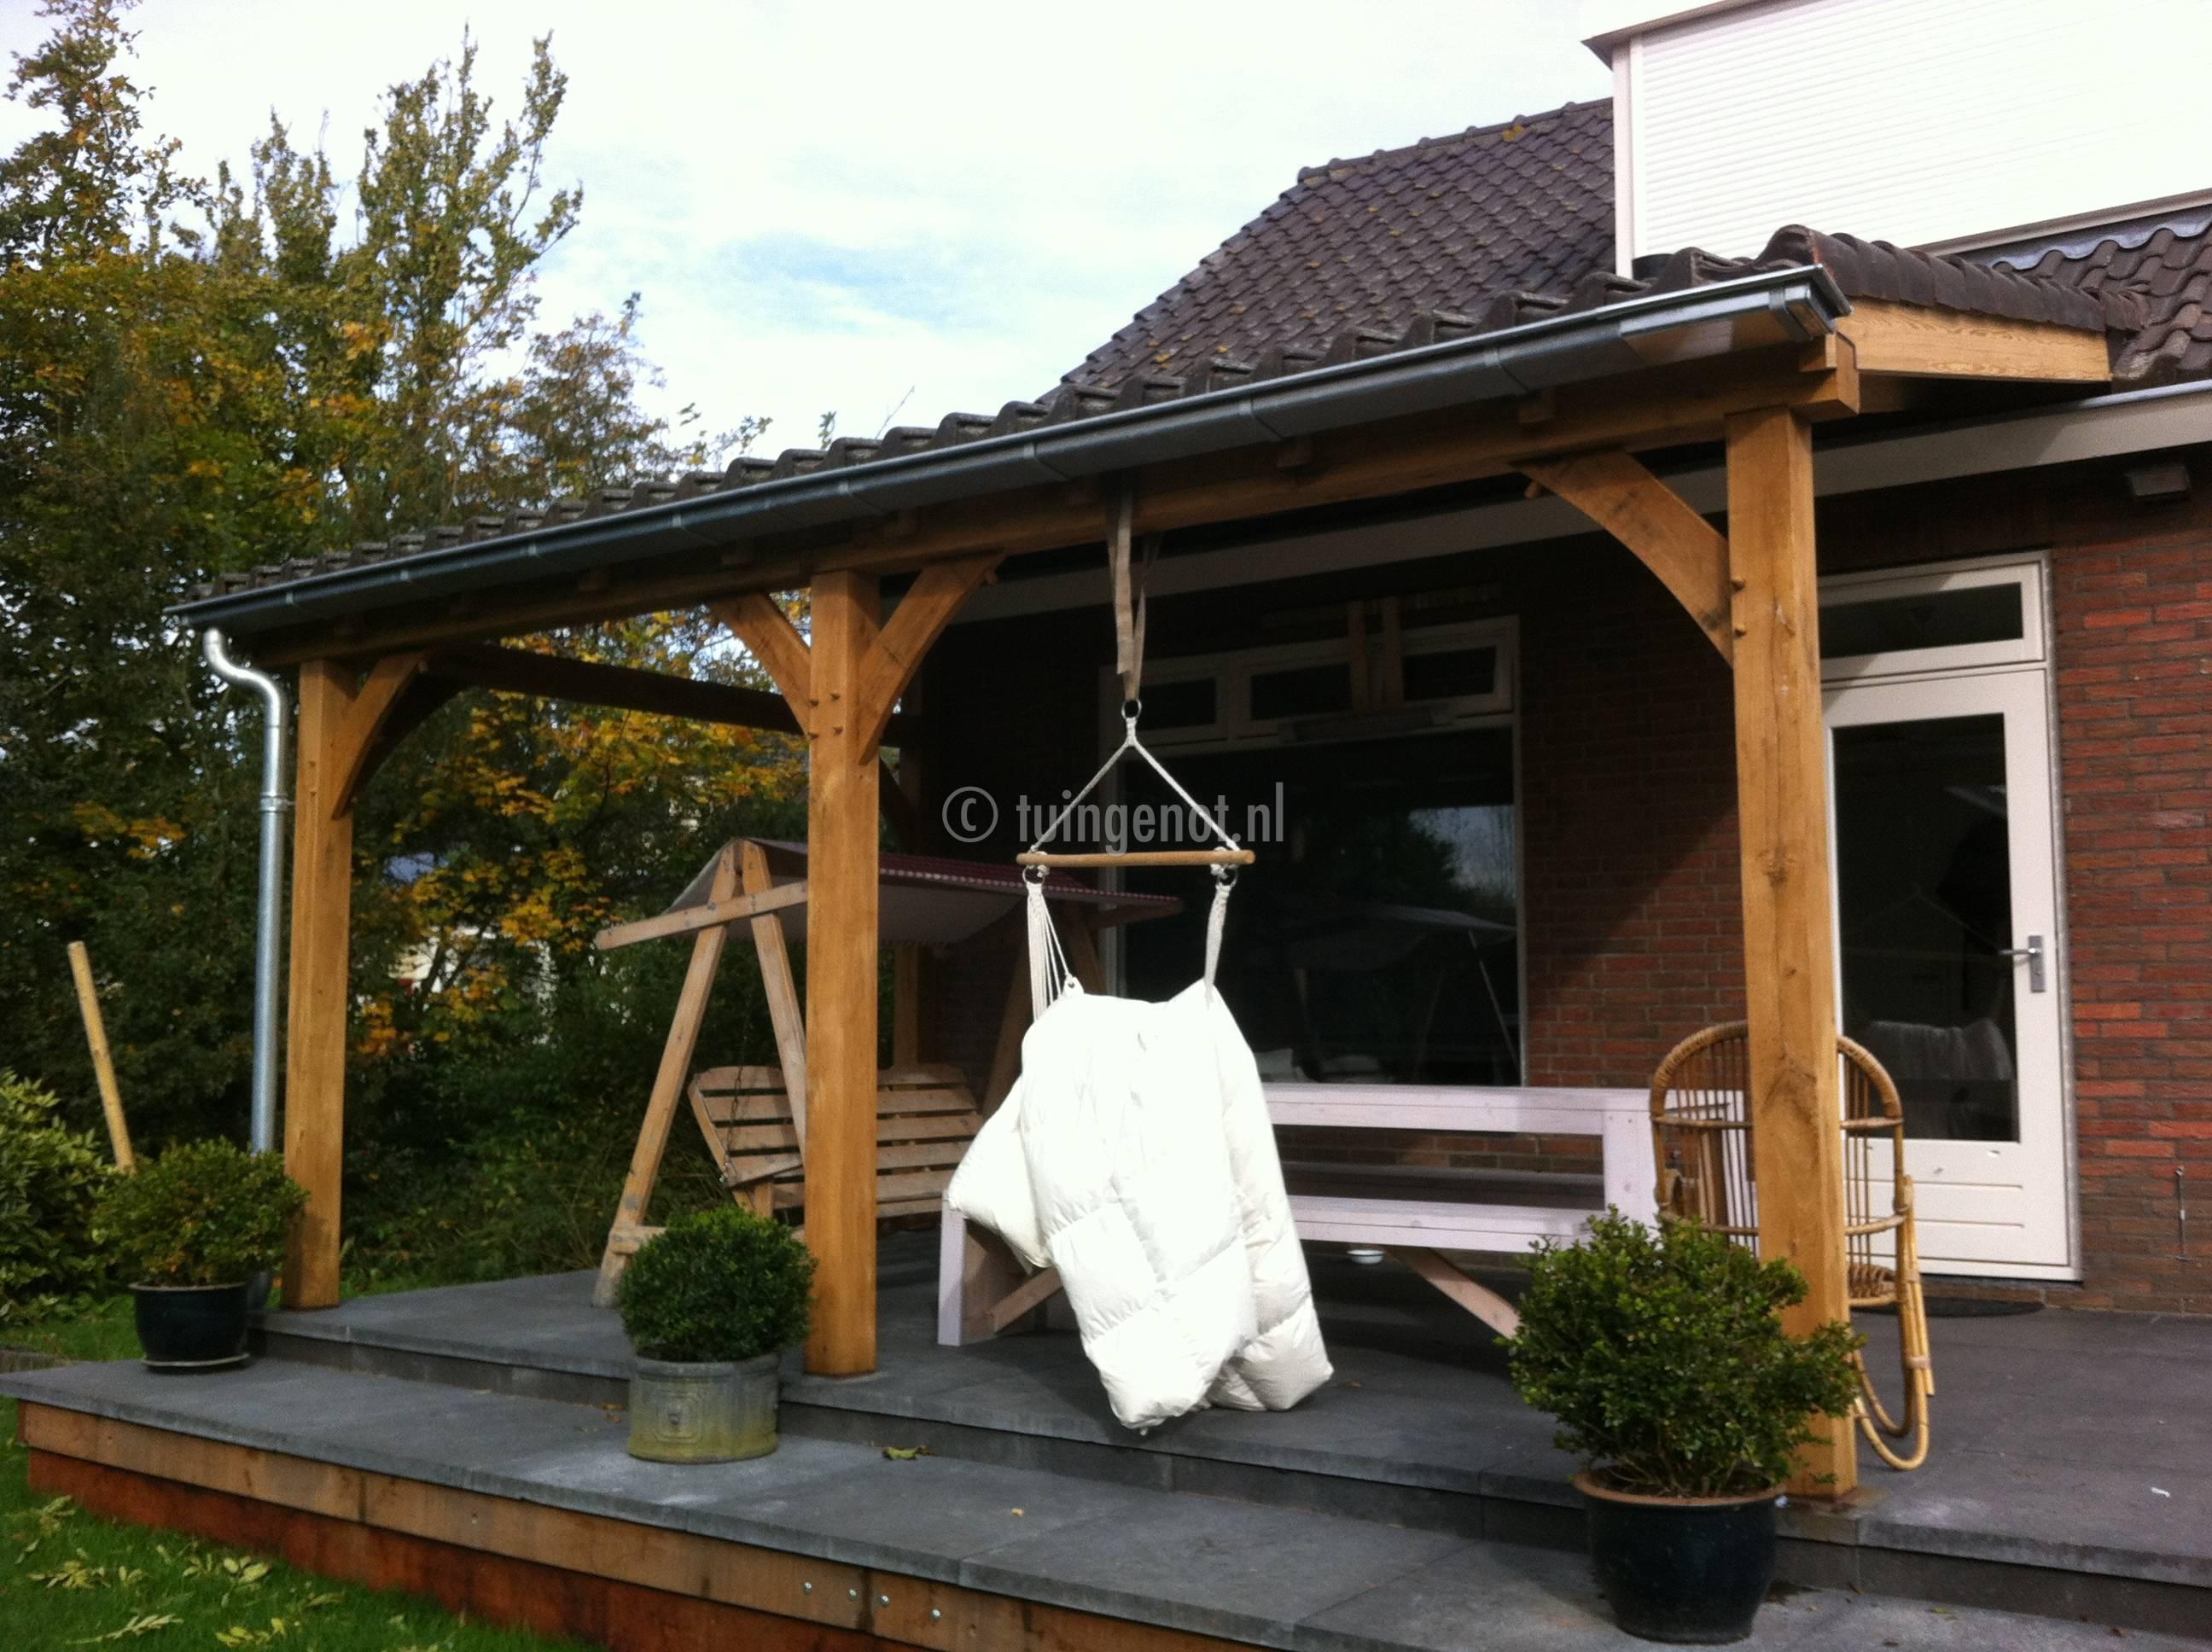 Tuingenot eikenhouten veranda met zinken goten daken van glas polycarbonaat platen - Pergola dakbedekking ...